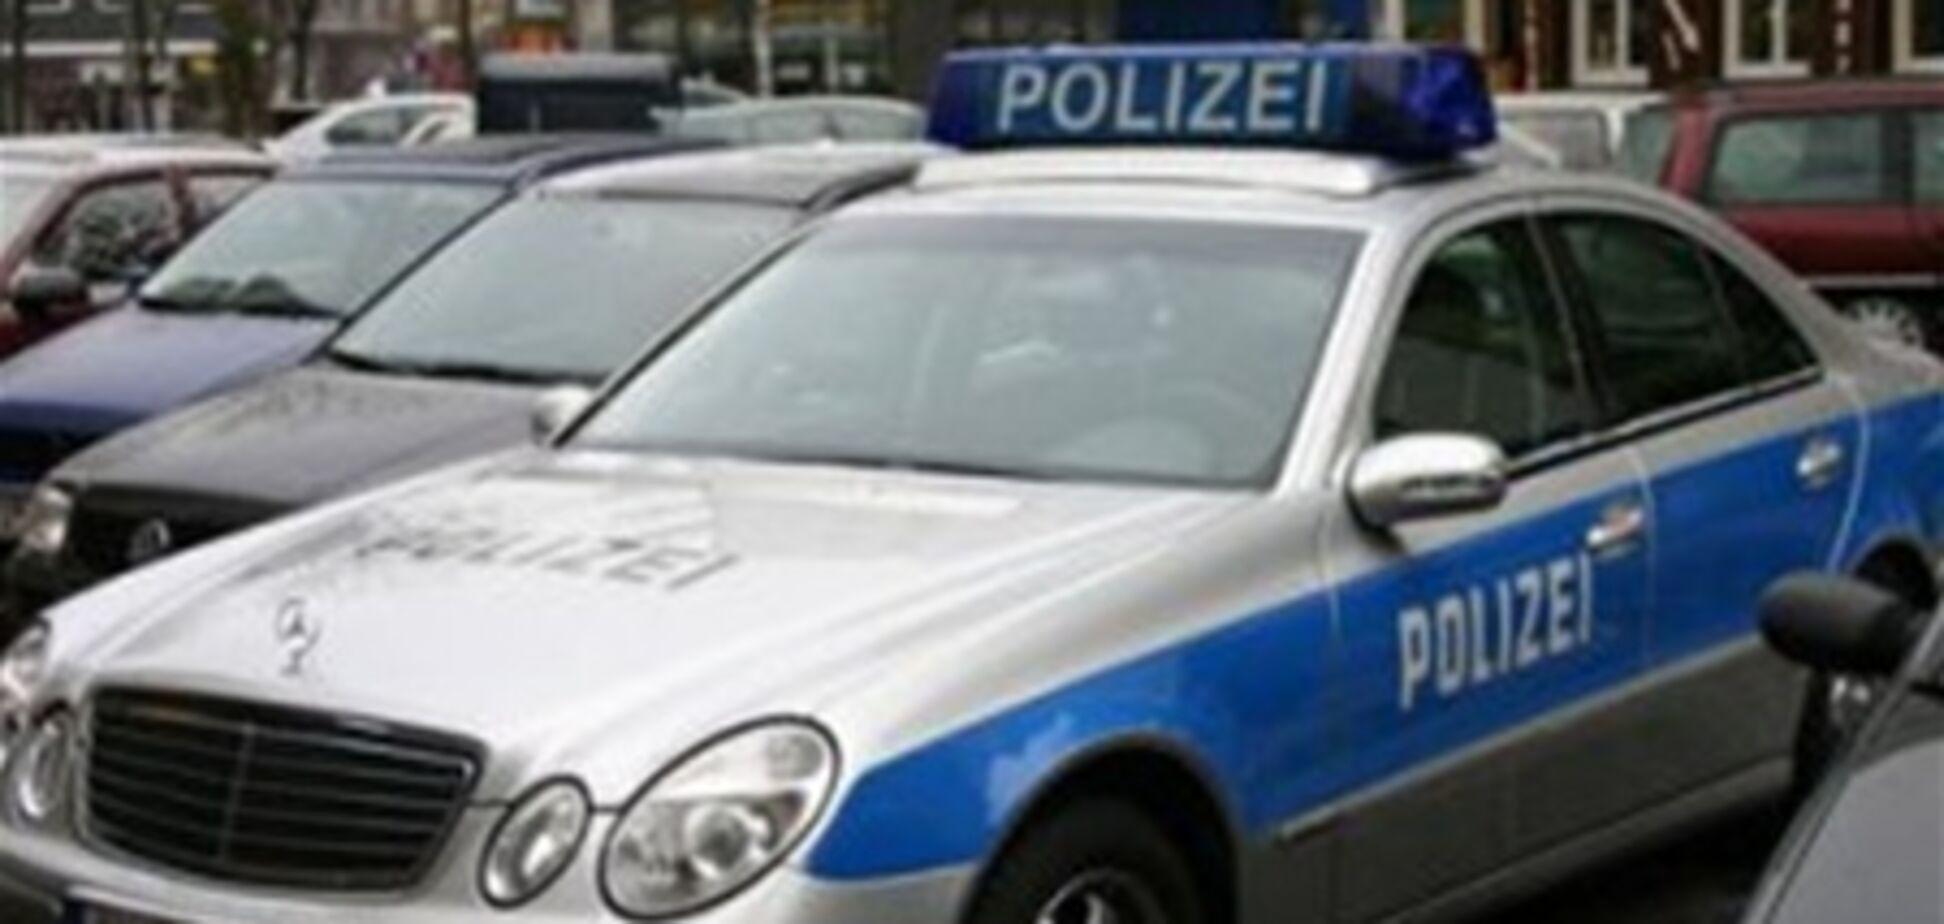 Полицейский 22 года водил патрульную машину без водительских прав